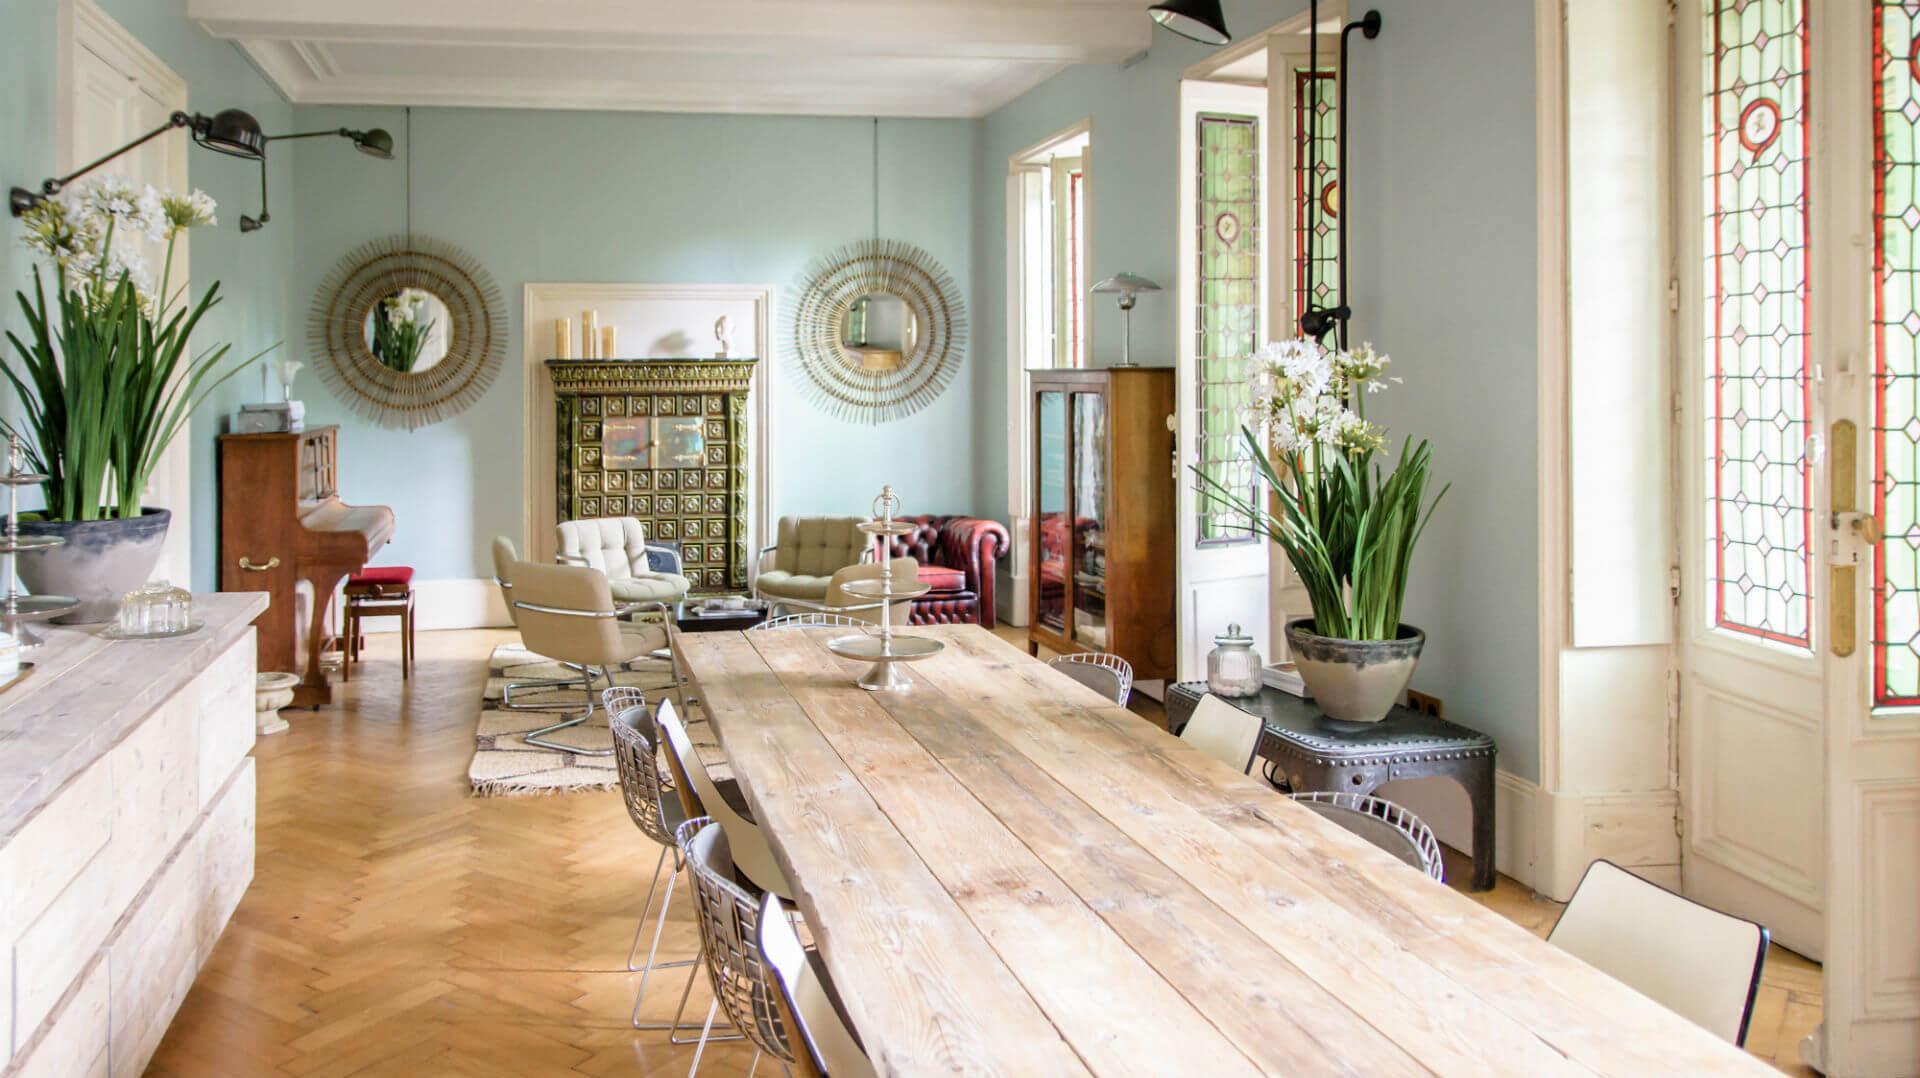 Salle du petit déjeuner chambres d'hôtes l'Esprit du 8 Rochefort